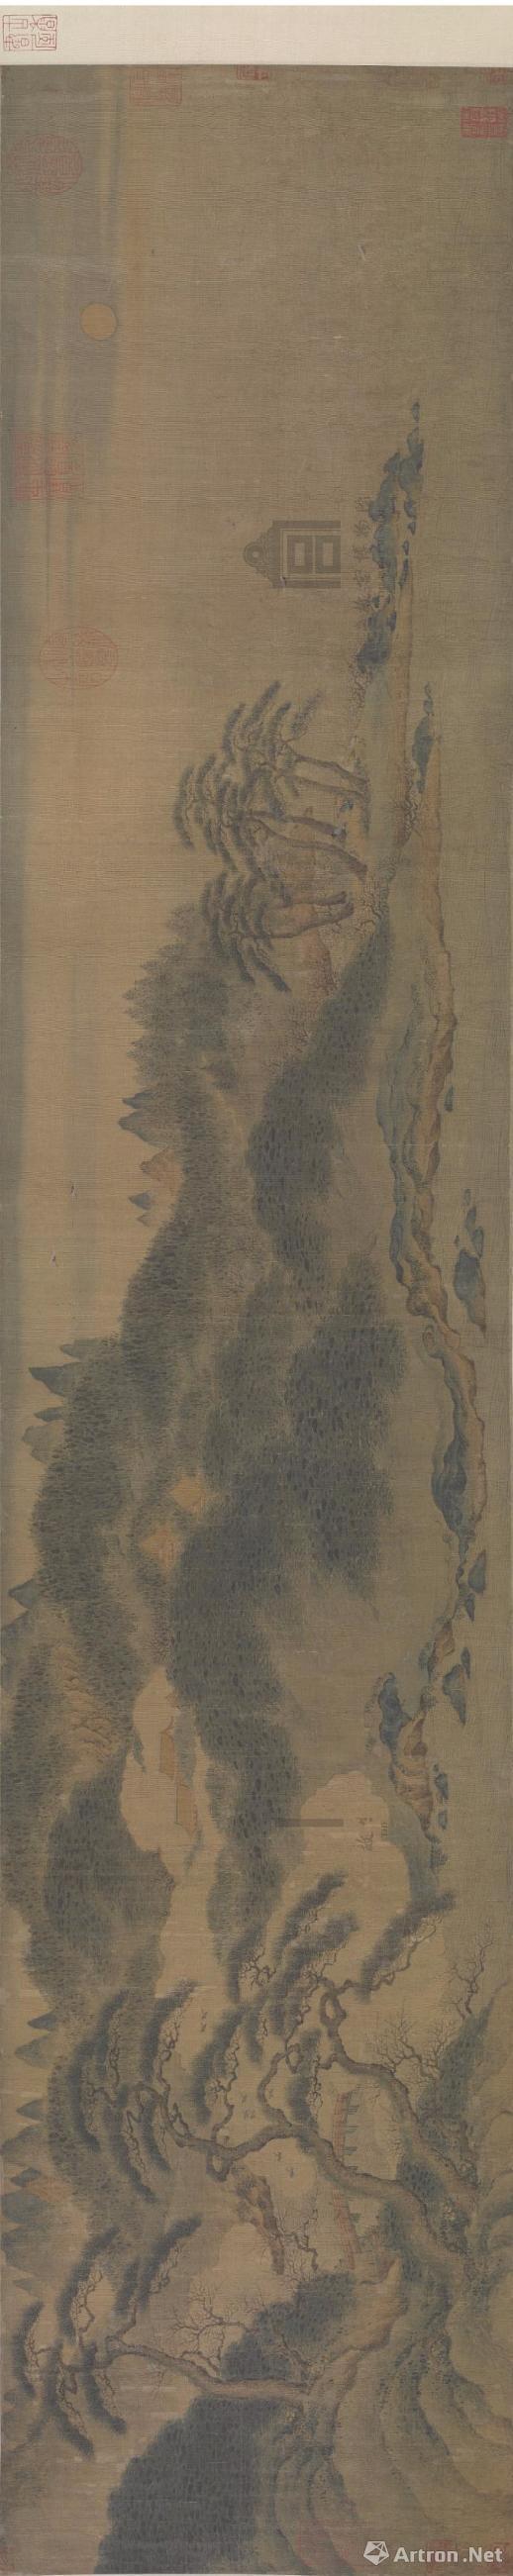 南宋 赵伯骕《万松金阙图》卷 绢本 青绿设色 纵27.7cm,横136cm